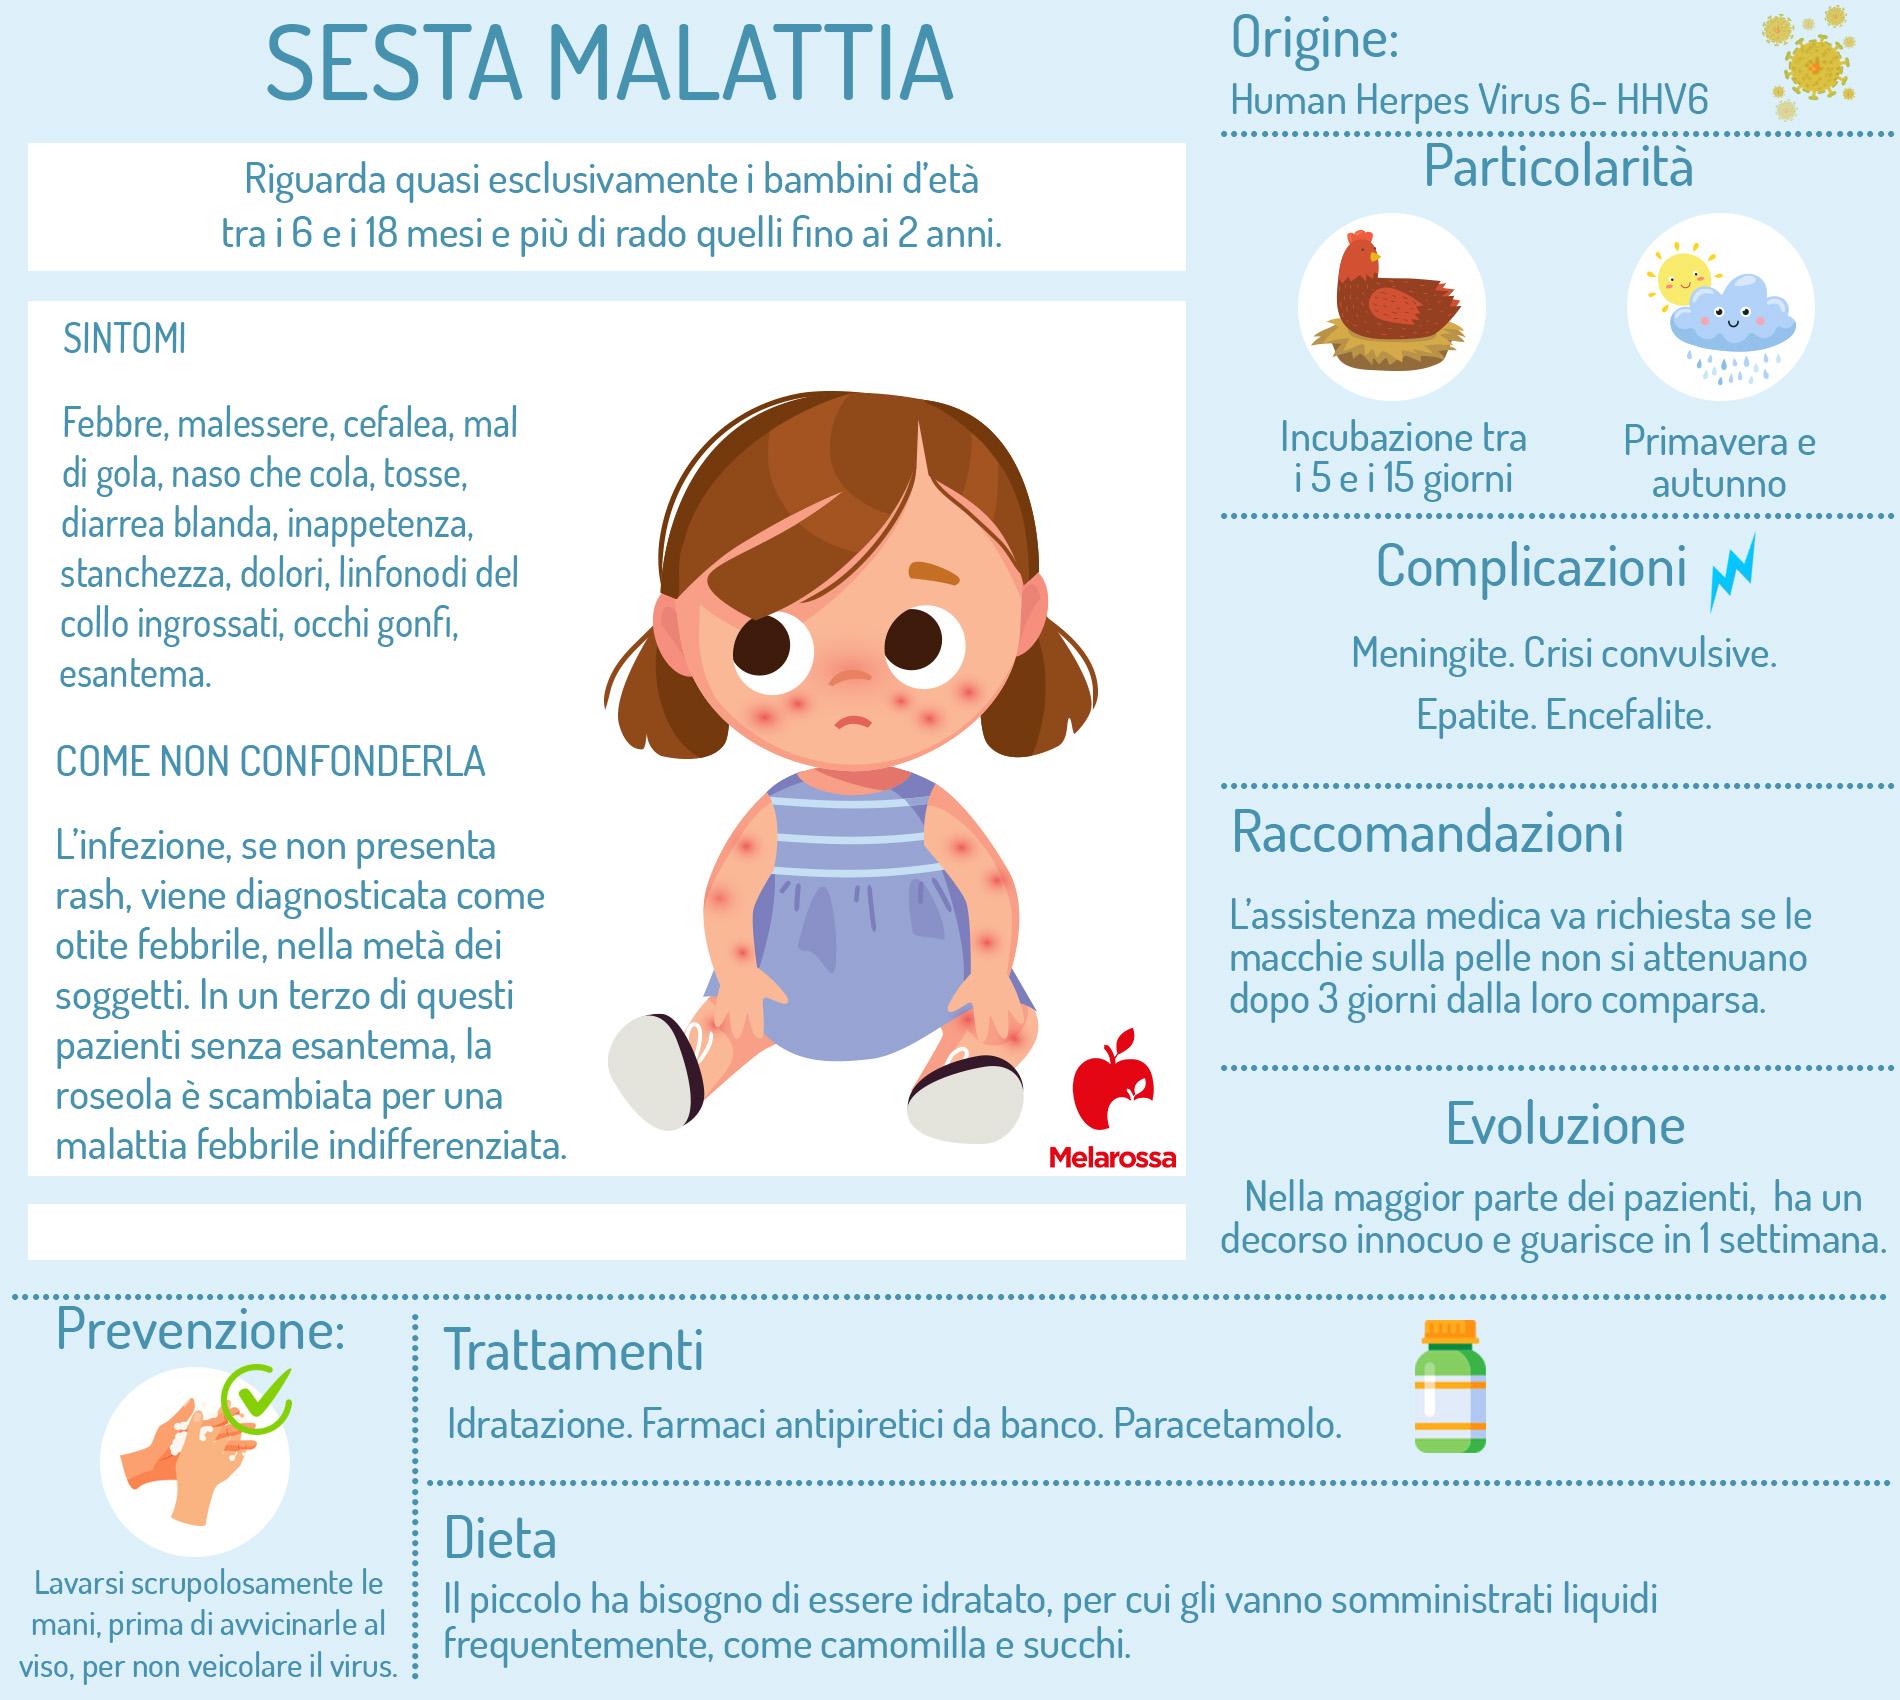 sesta malattia: sintomi